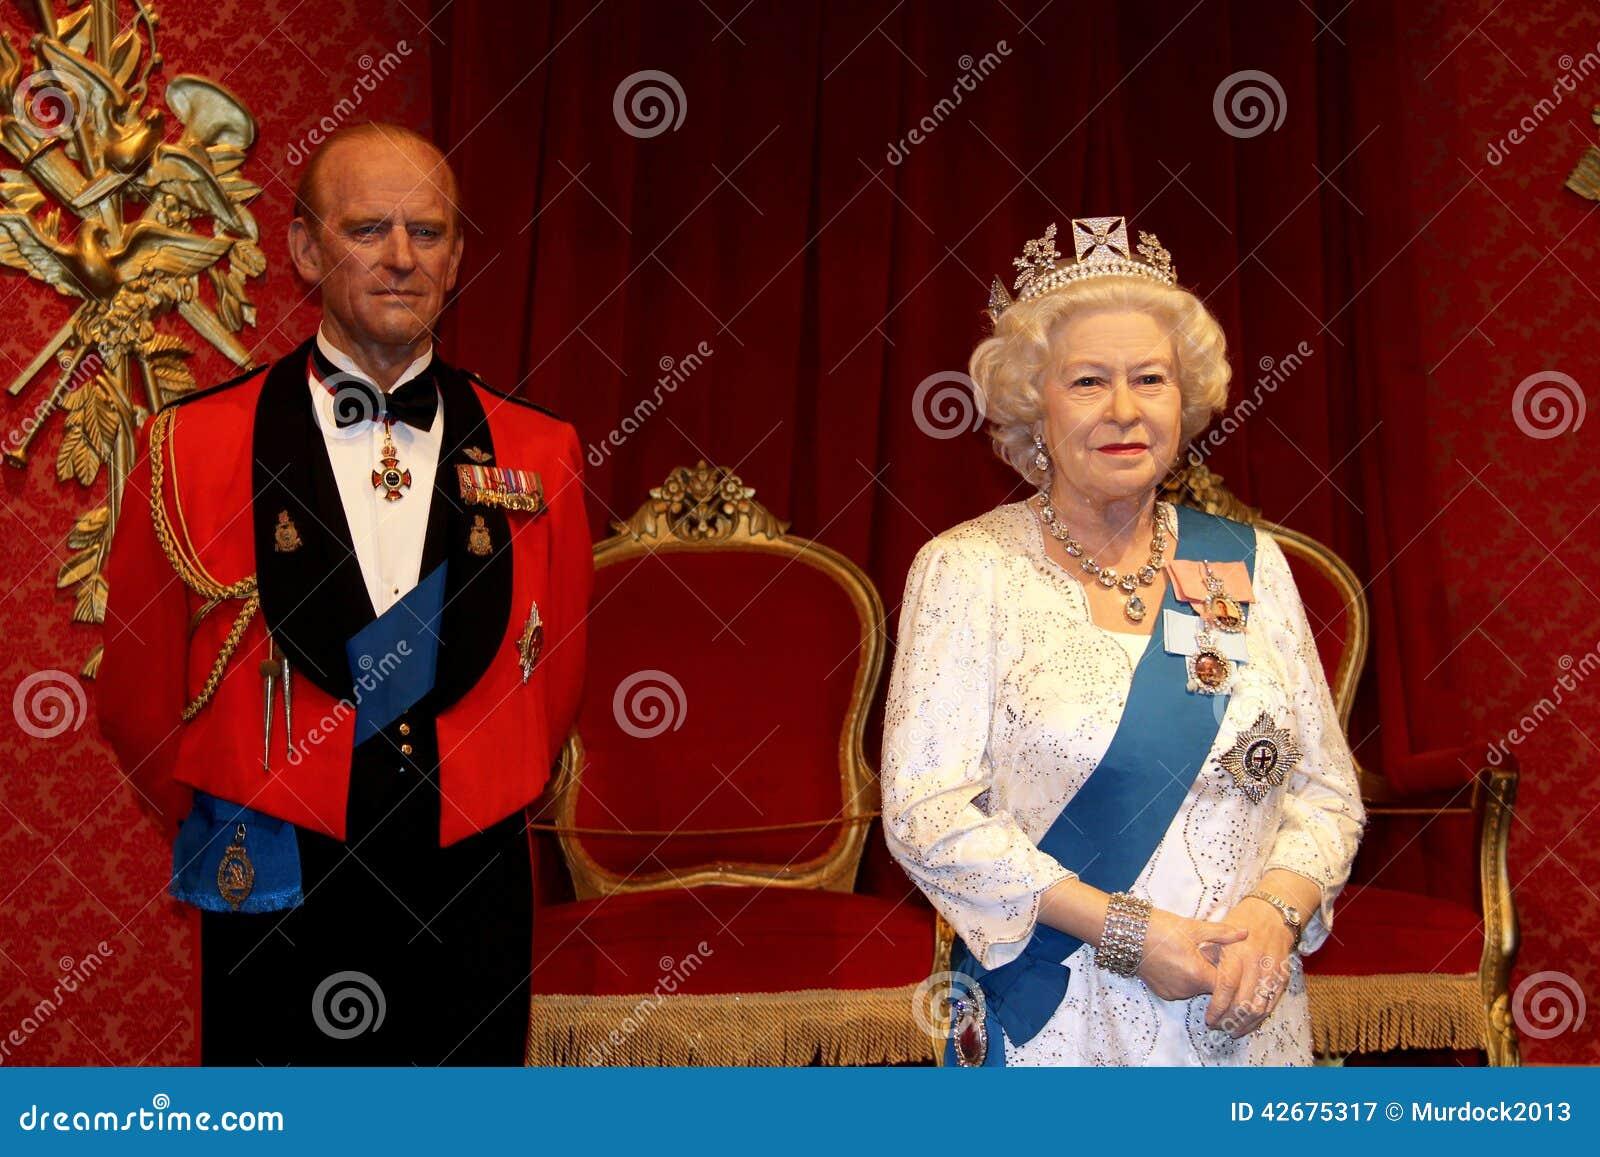 Prins Philip en Koningin Elizabeth 11